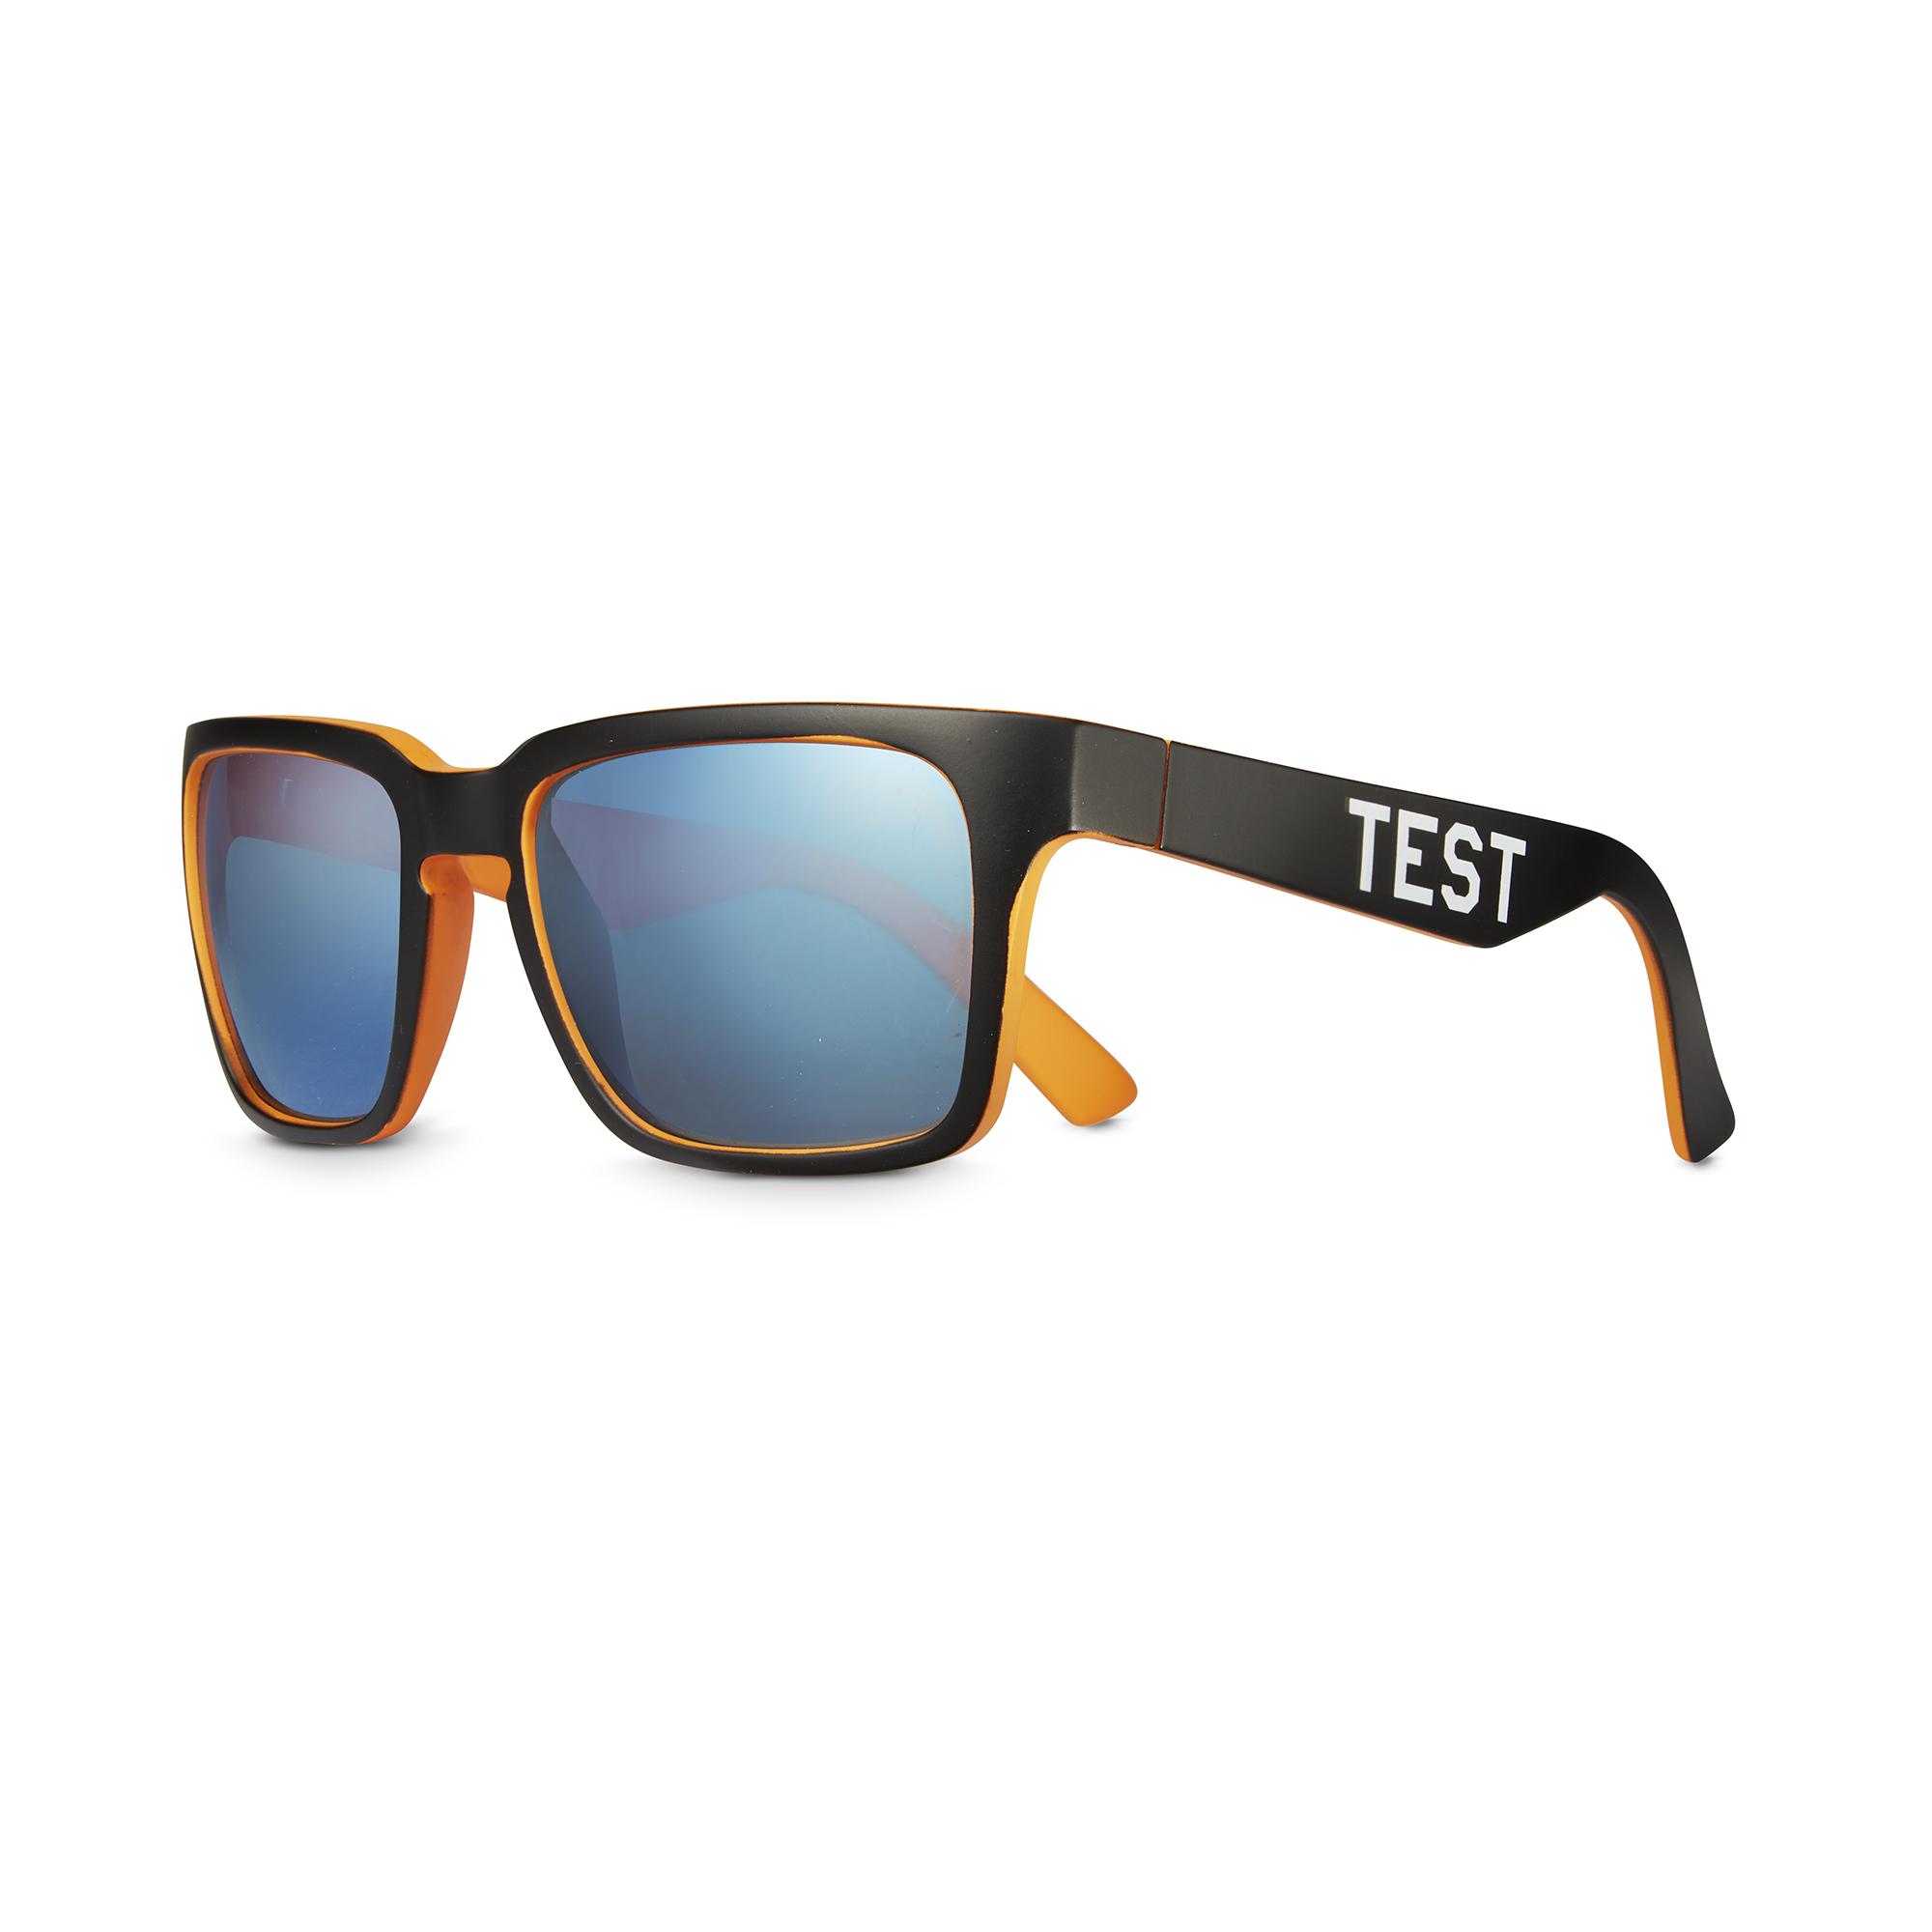 Experimental Edition Evolution FLT Sunglasses - 3 Quarter